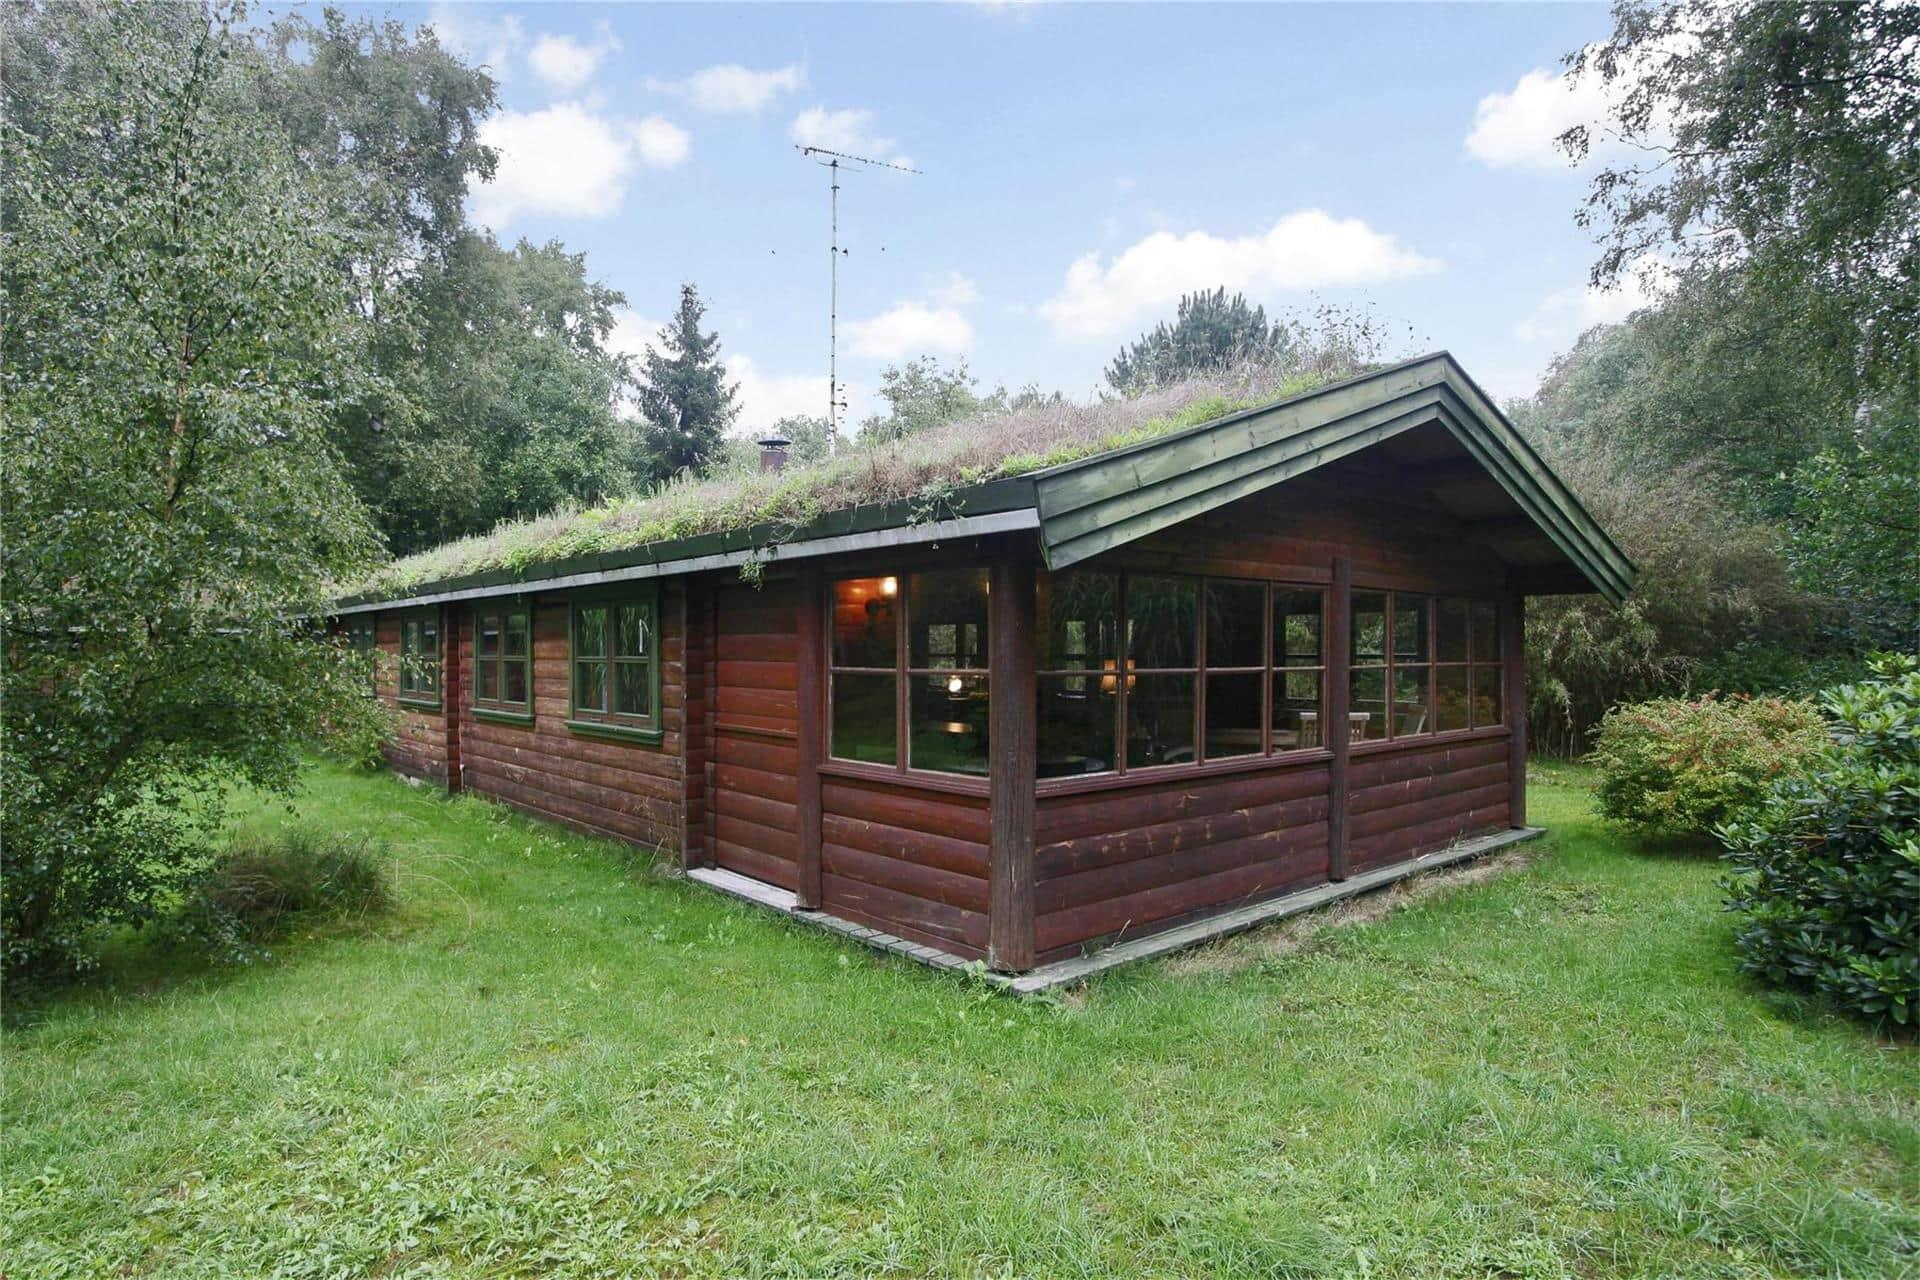 Bild 1-1336 Ferienhaus 475-N, Humlevej 15, DK - 3300 Frederiksværk